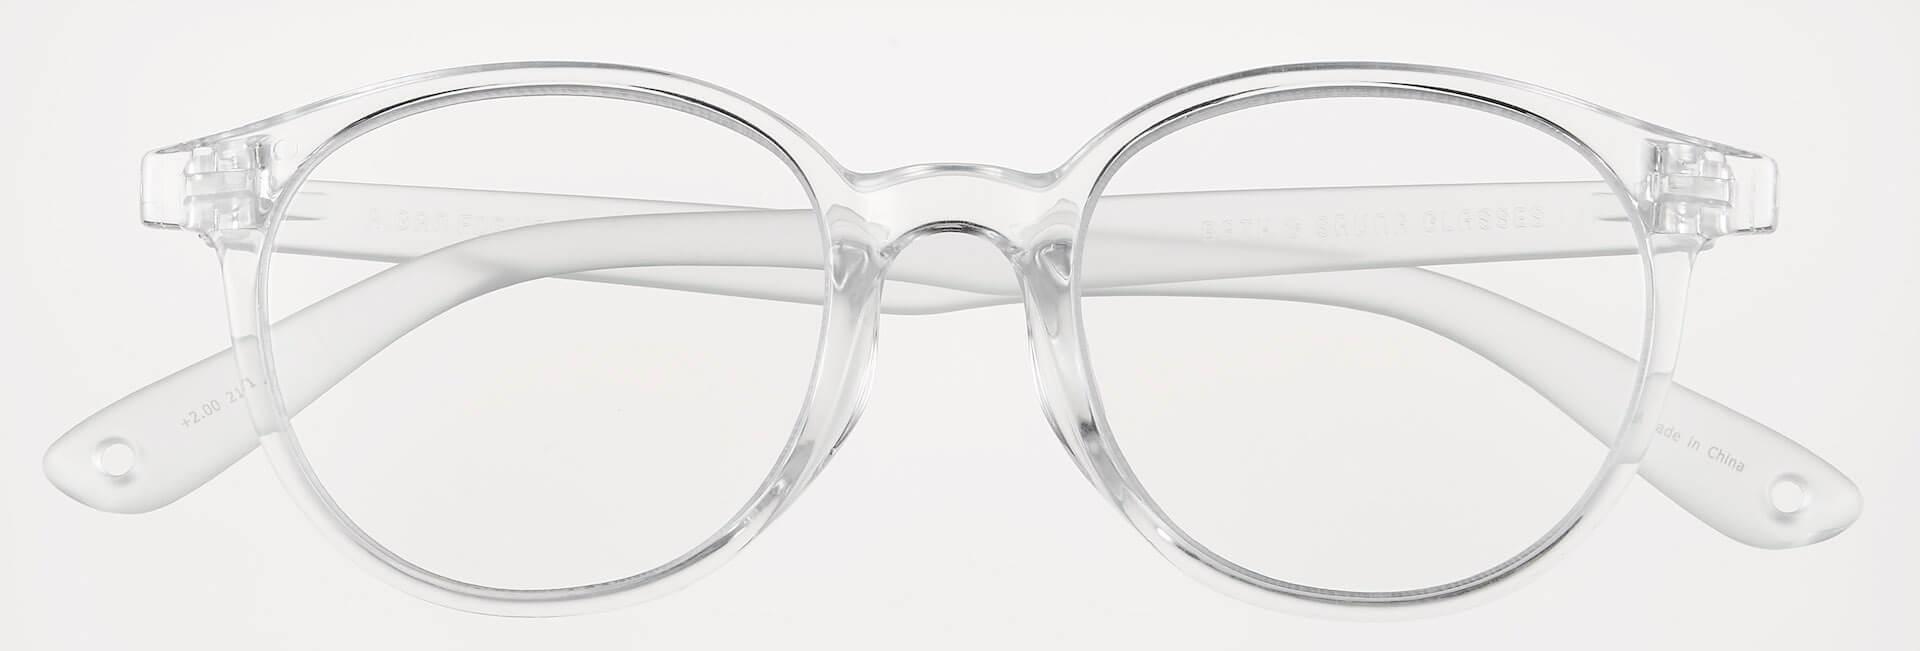 メガネの愛眼からファッショナブルなサウナ用メガネが登場!「アイガン FORゆII」が販売開始 life210610_aigan_sauna_6